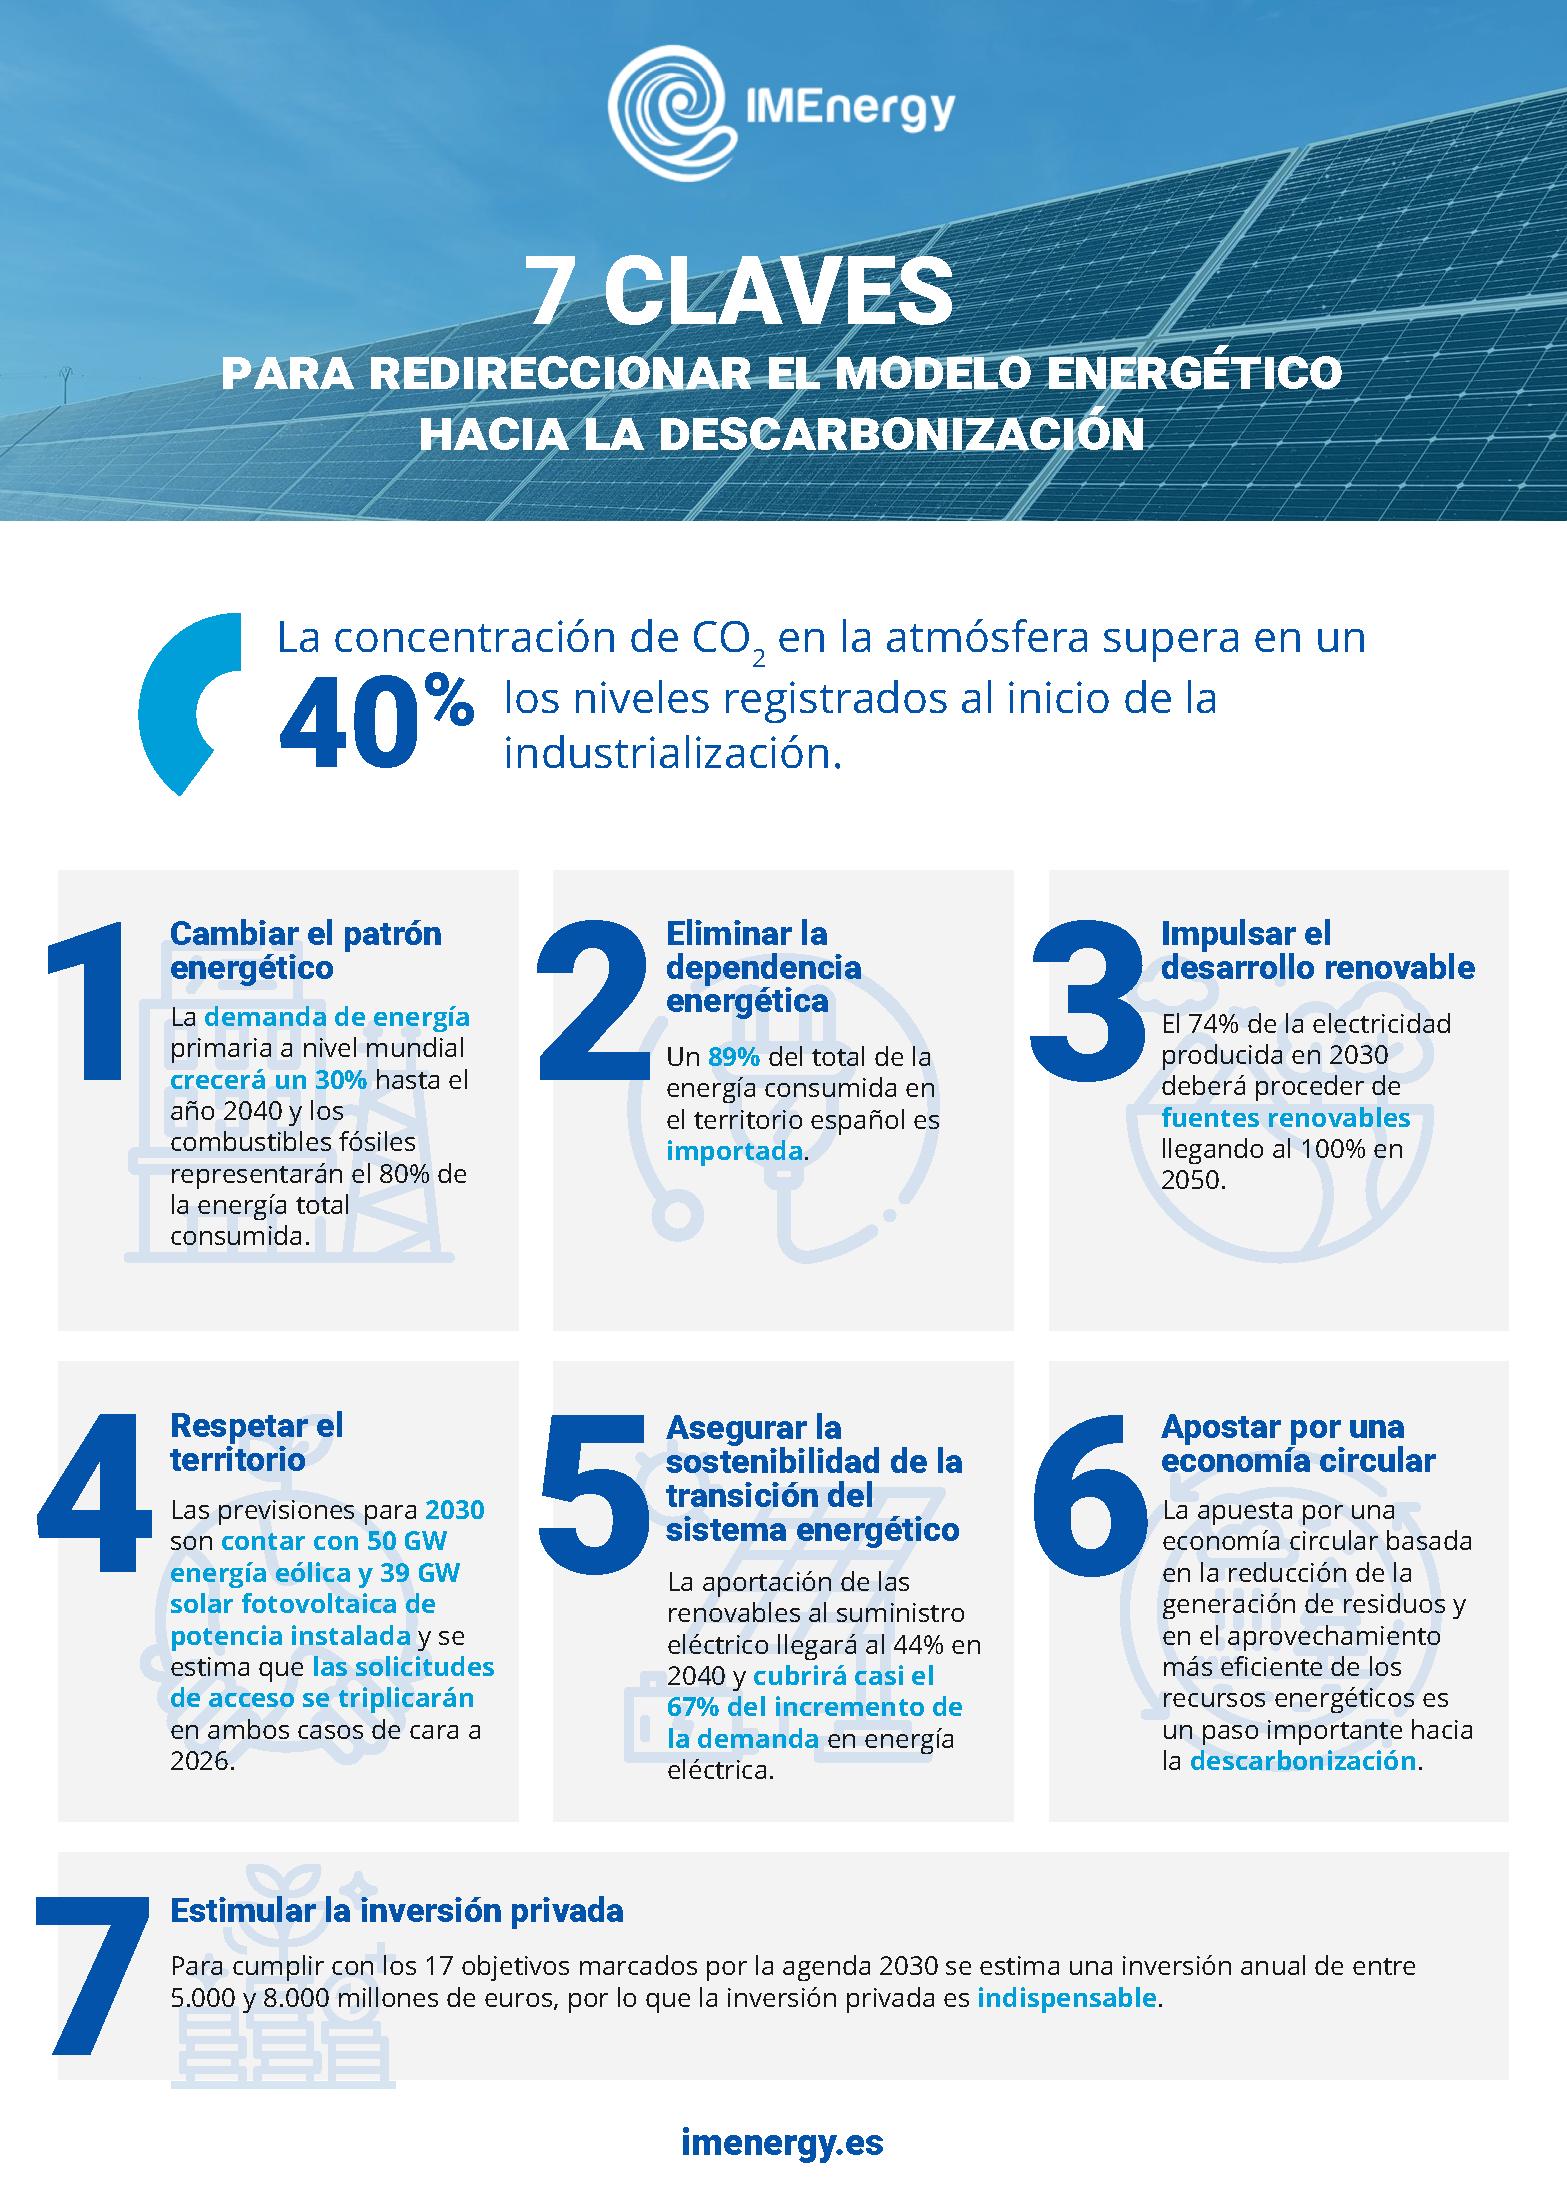 IMEnergy explica las 7 claves para redireccionar el modelo energético hacia la descarbonización